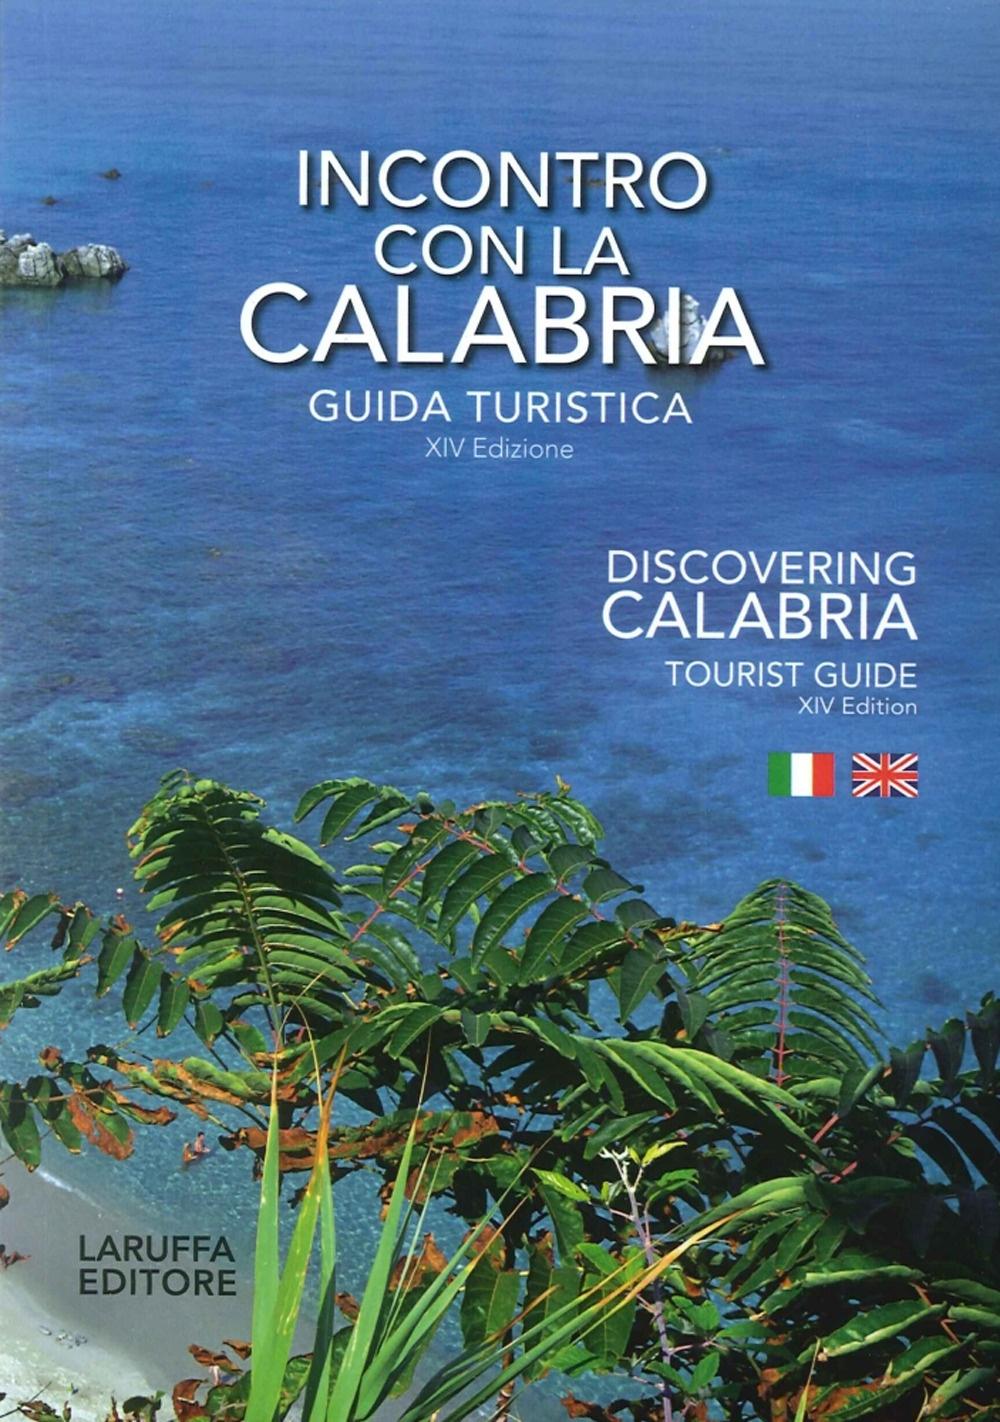 Incontro con la Calabria. Guida Turistica. Discovering Calabria. Tourist Guide.